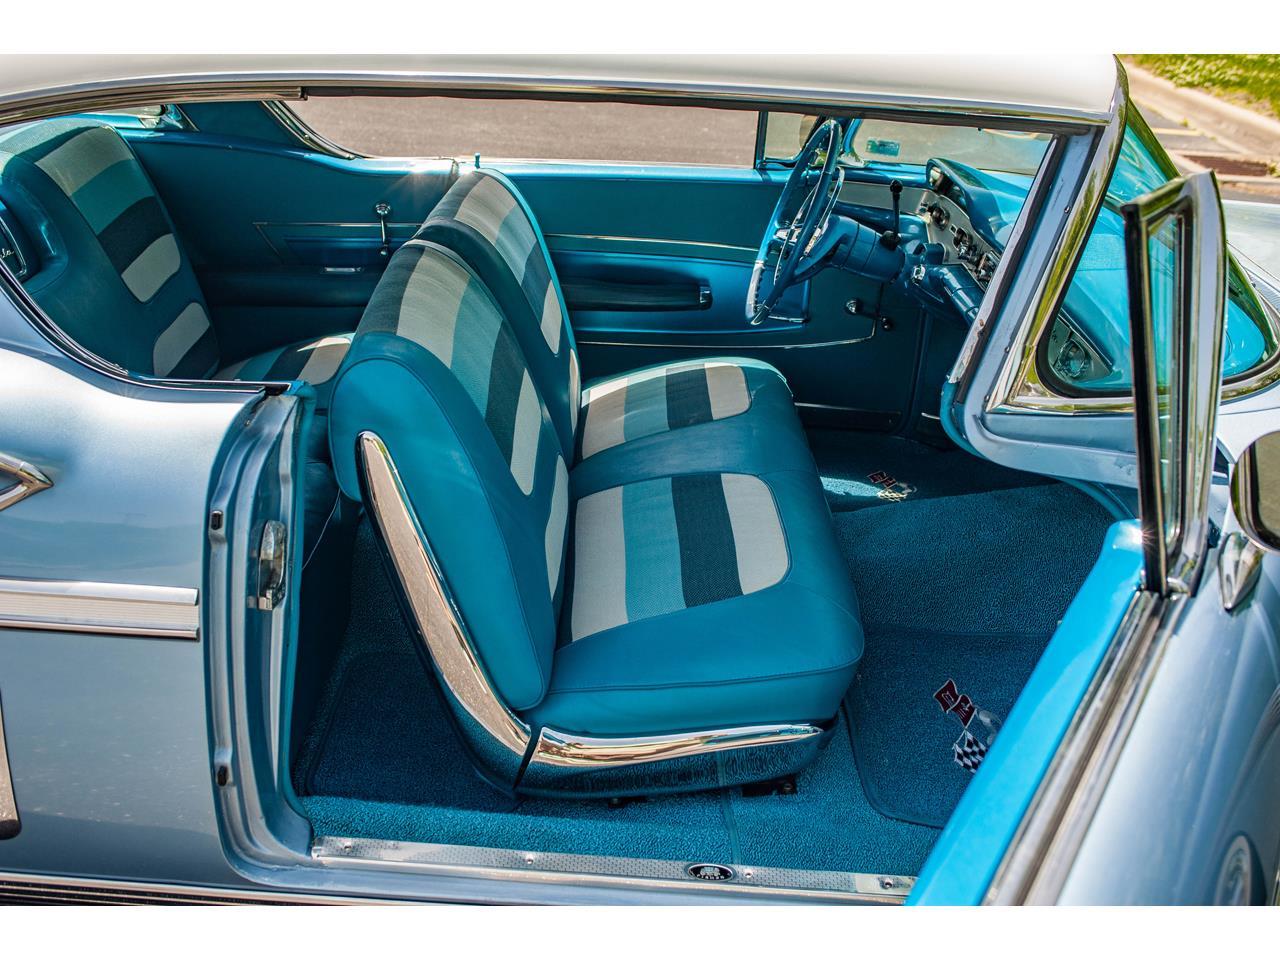 Large Picture of Classic '58 Impala - $62,000.00 - QB9Q